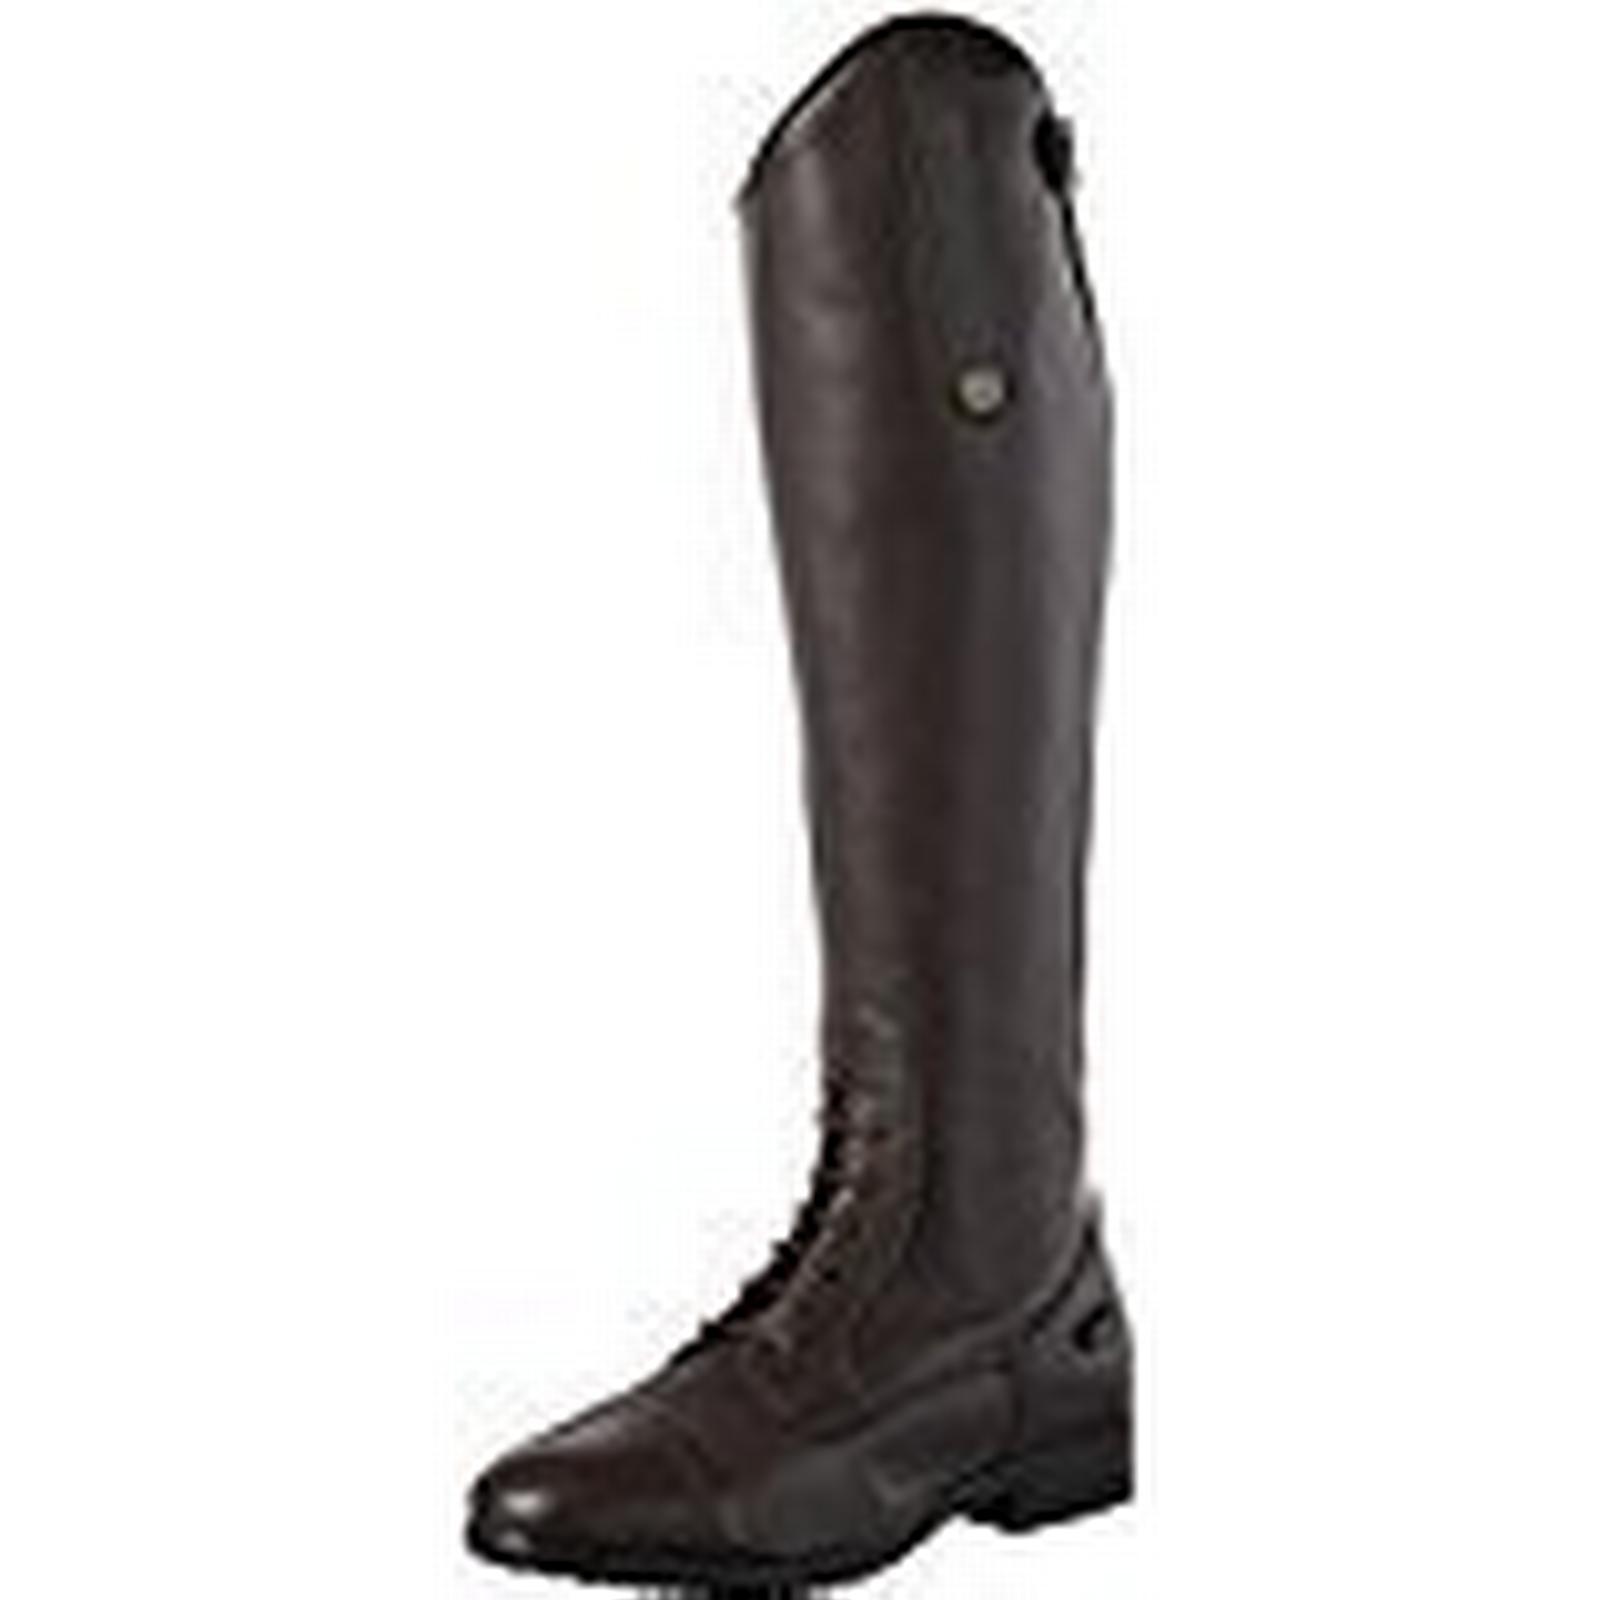 hkm norme longueur / largeur des bottes hommes, d'équitation de valence, les hommes, bottes reitstiefel - valence -, standardlesn / - weite, Marron ,  ue 1b7c4d